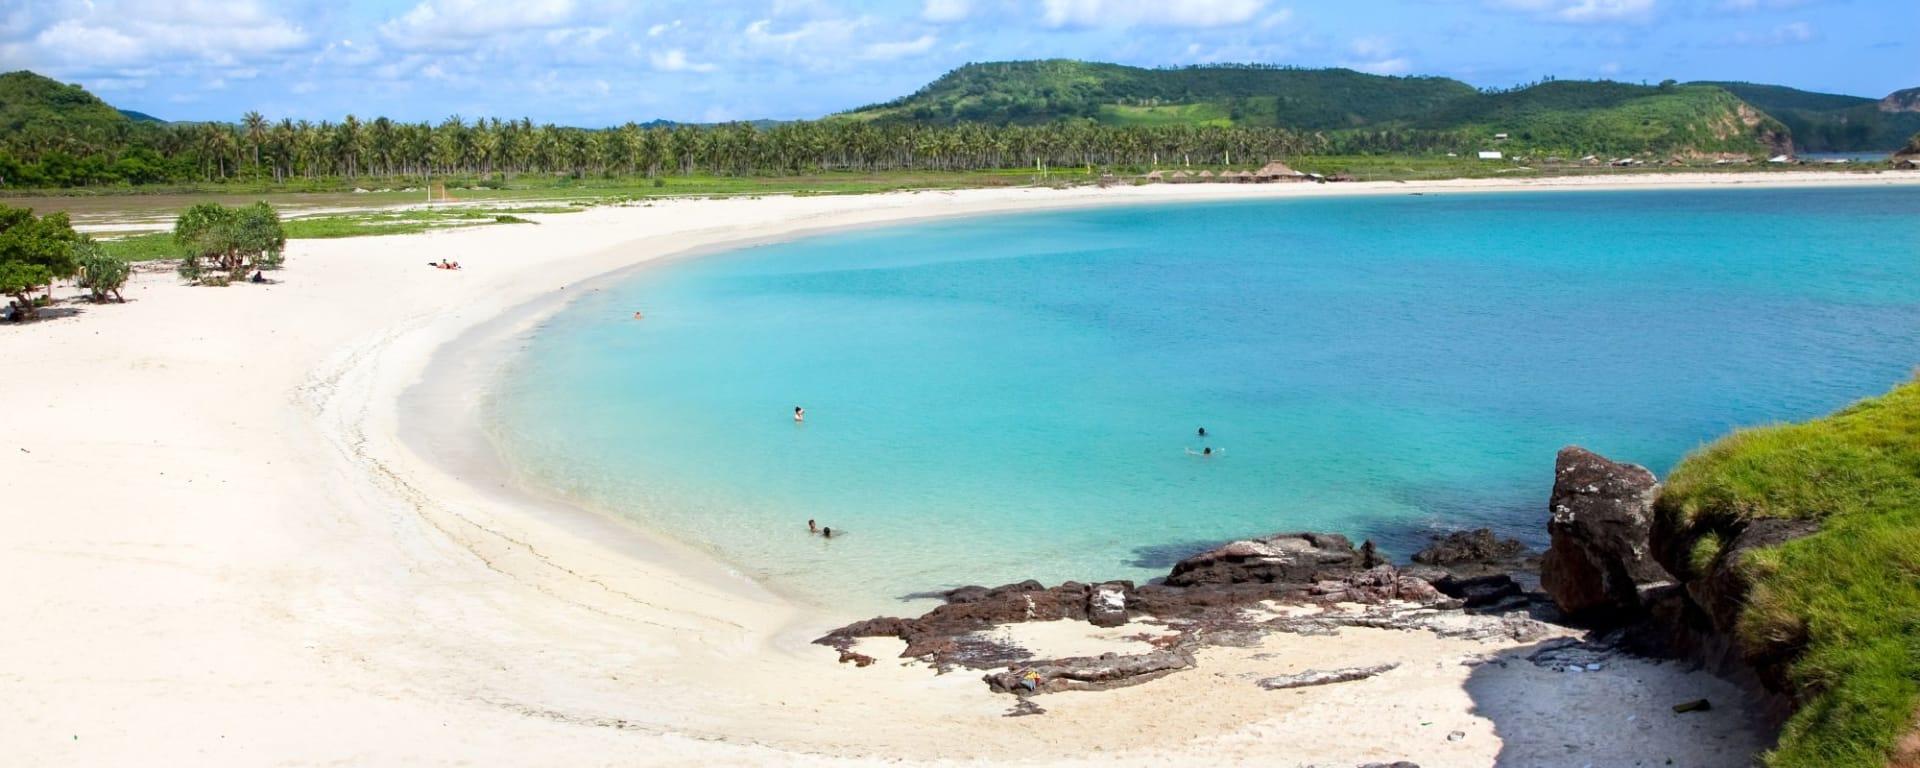 Die Kultur der Sasak in Lombok: Lombok Tanjung Aan Beach